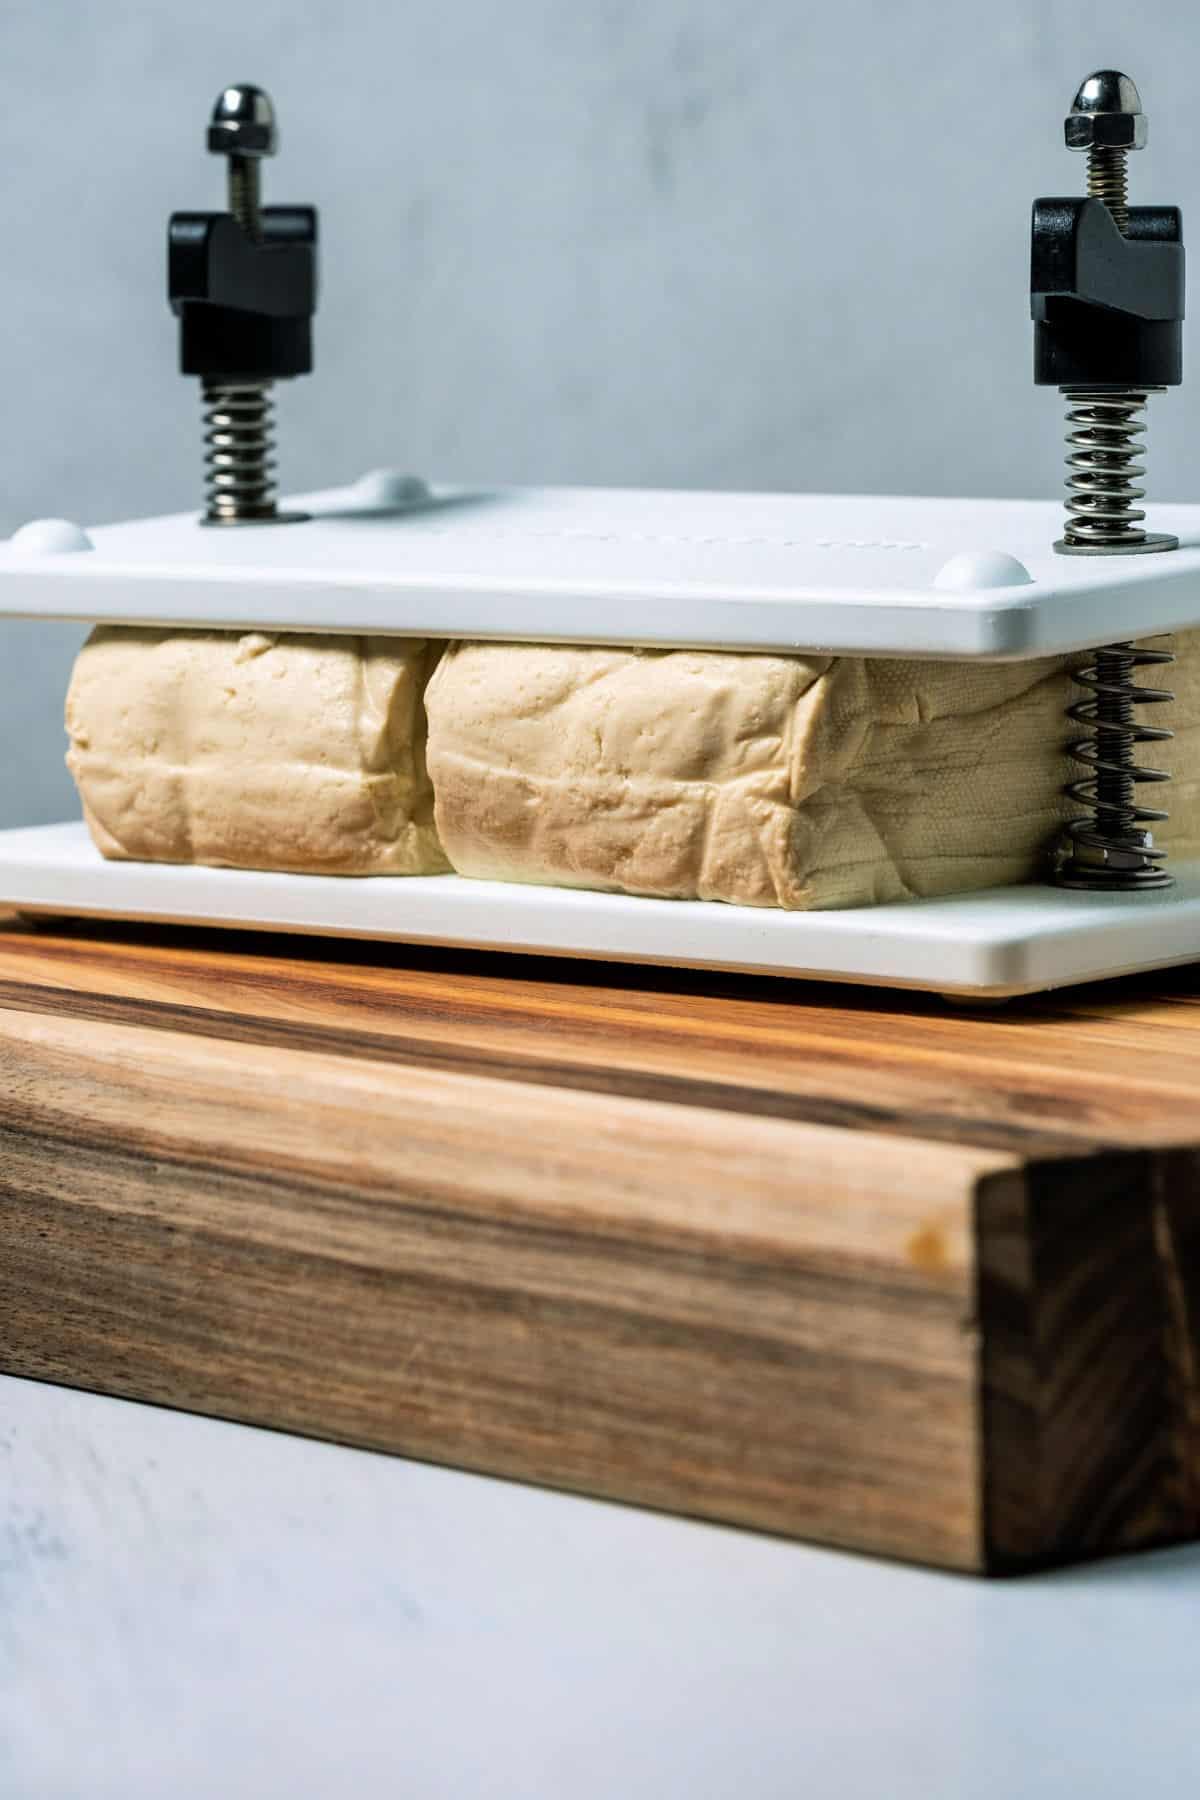 Two blocks of tofu in a tofu press.